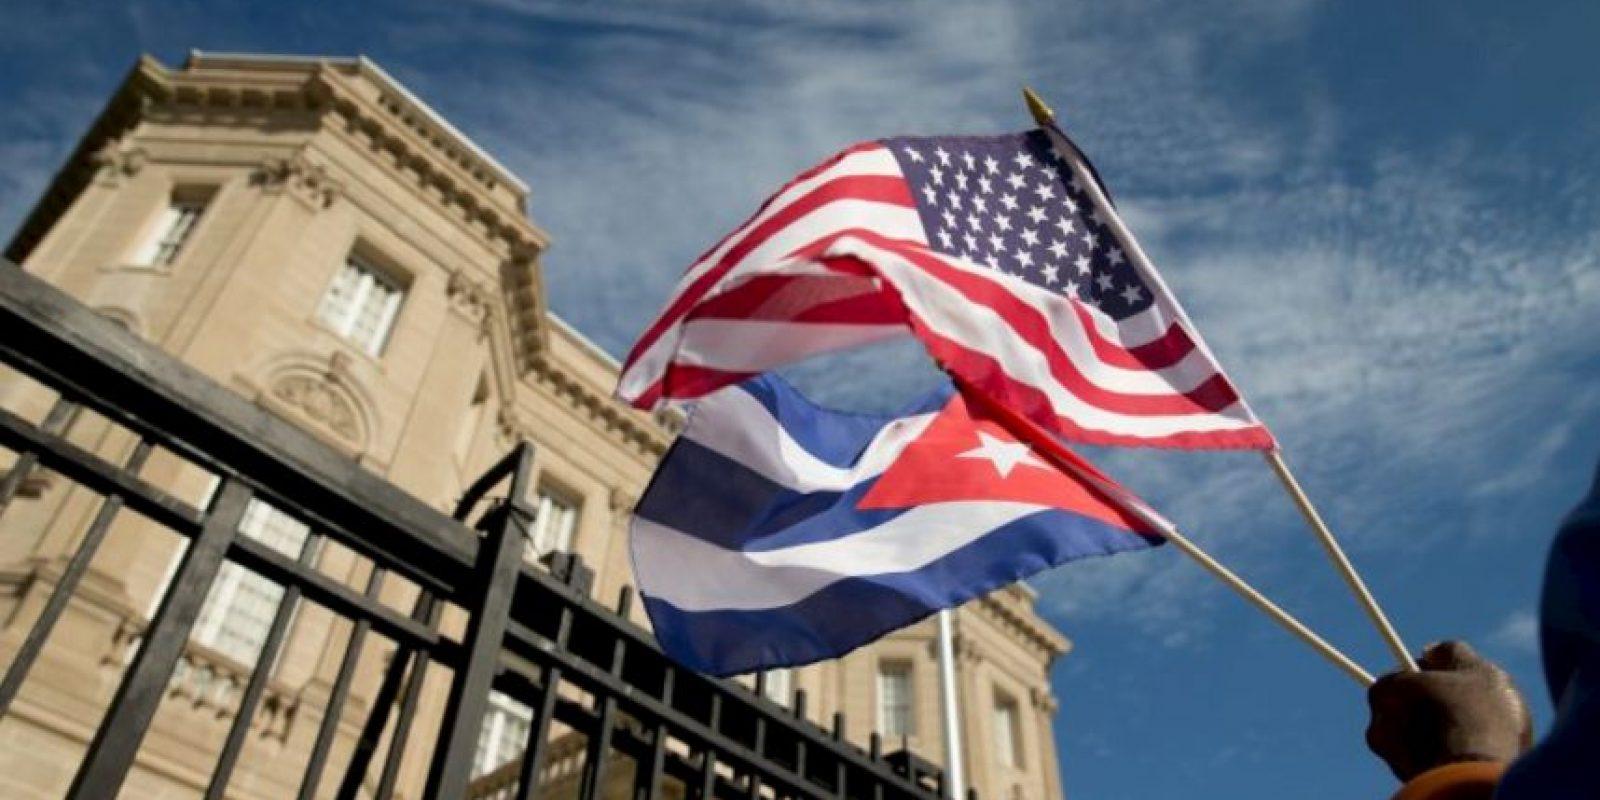 En 1977, durante el mandato del presidente Carter, los gobiernos de los Estados Unidos y Cuba firmaron un acuerdo estableciendo la apertura de la Sección de Intereses de los Estados Unidos (USINT) en La Habana y de la Sección de Intereses de Cuba en Washington DC. Foto:AP